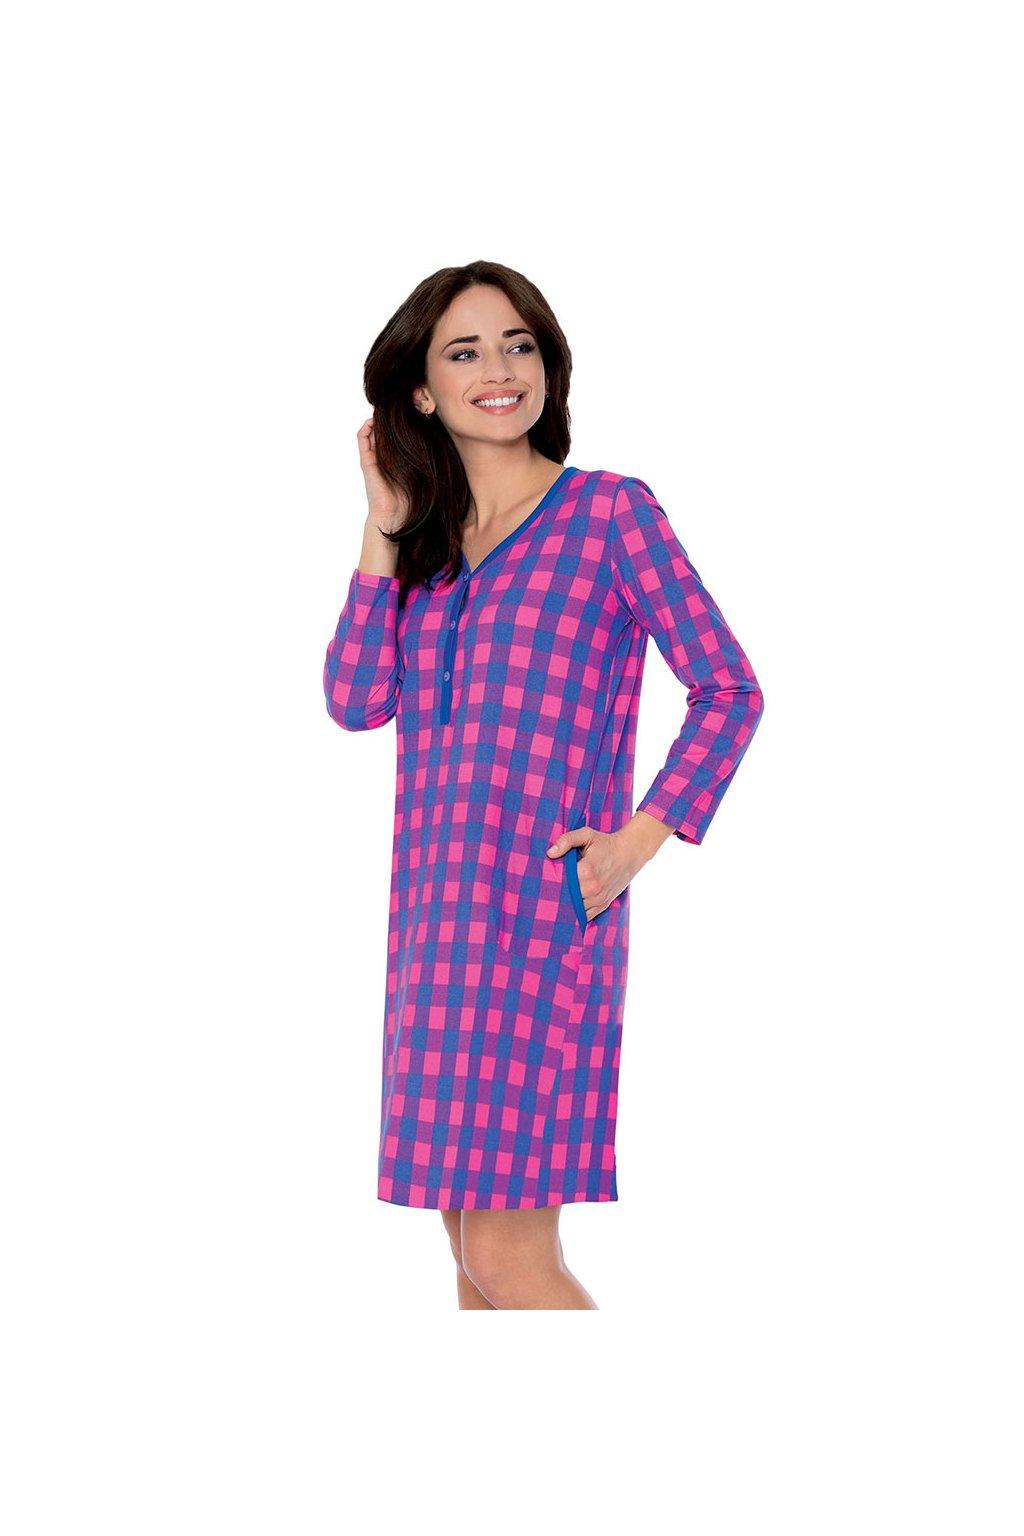 Dámská noční košile se 7/8 rukávem, 104506 459, modrá